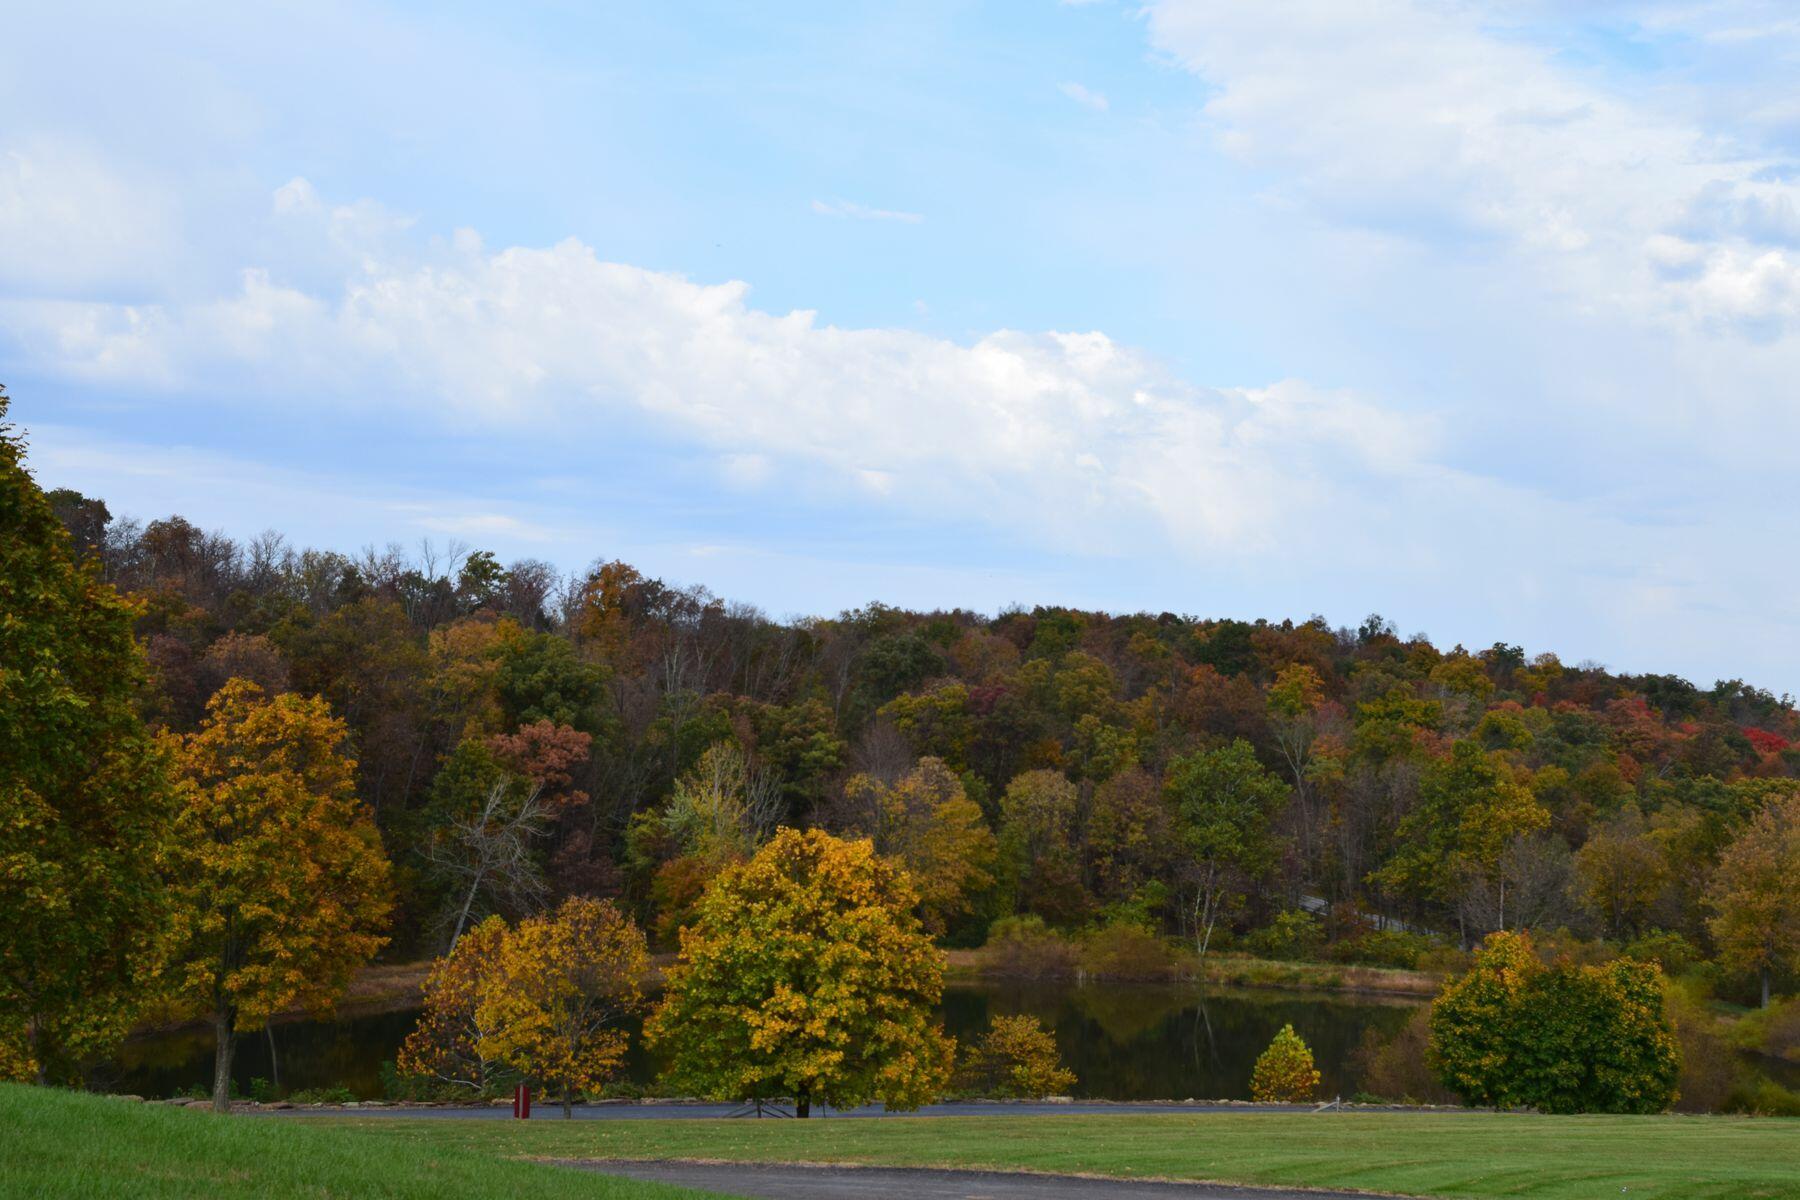 Autumn in Gettysburg.